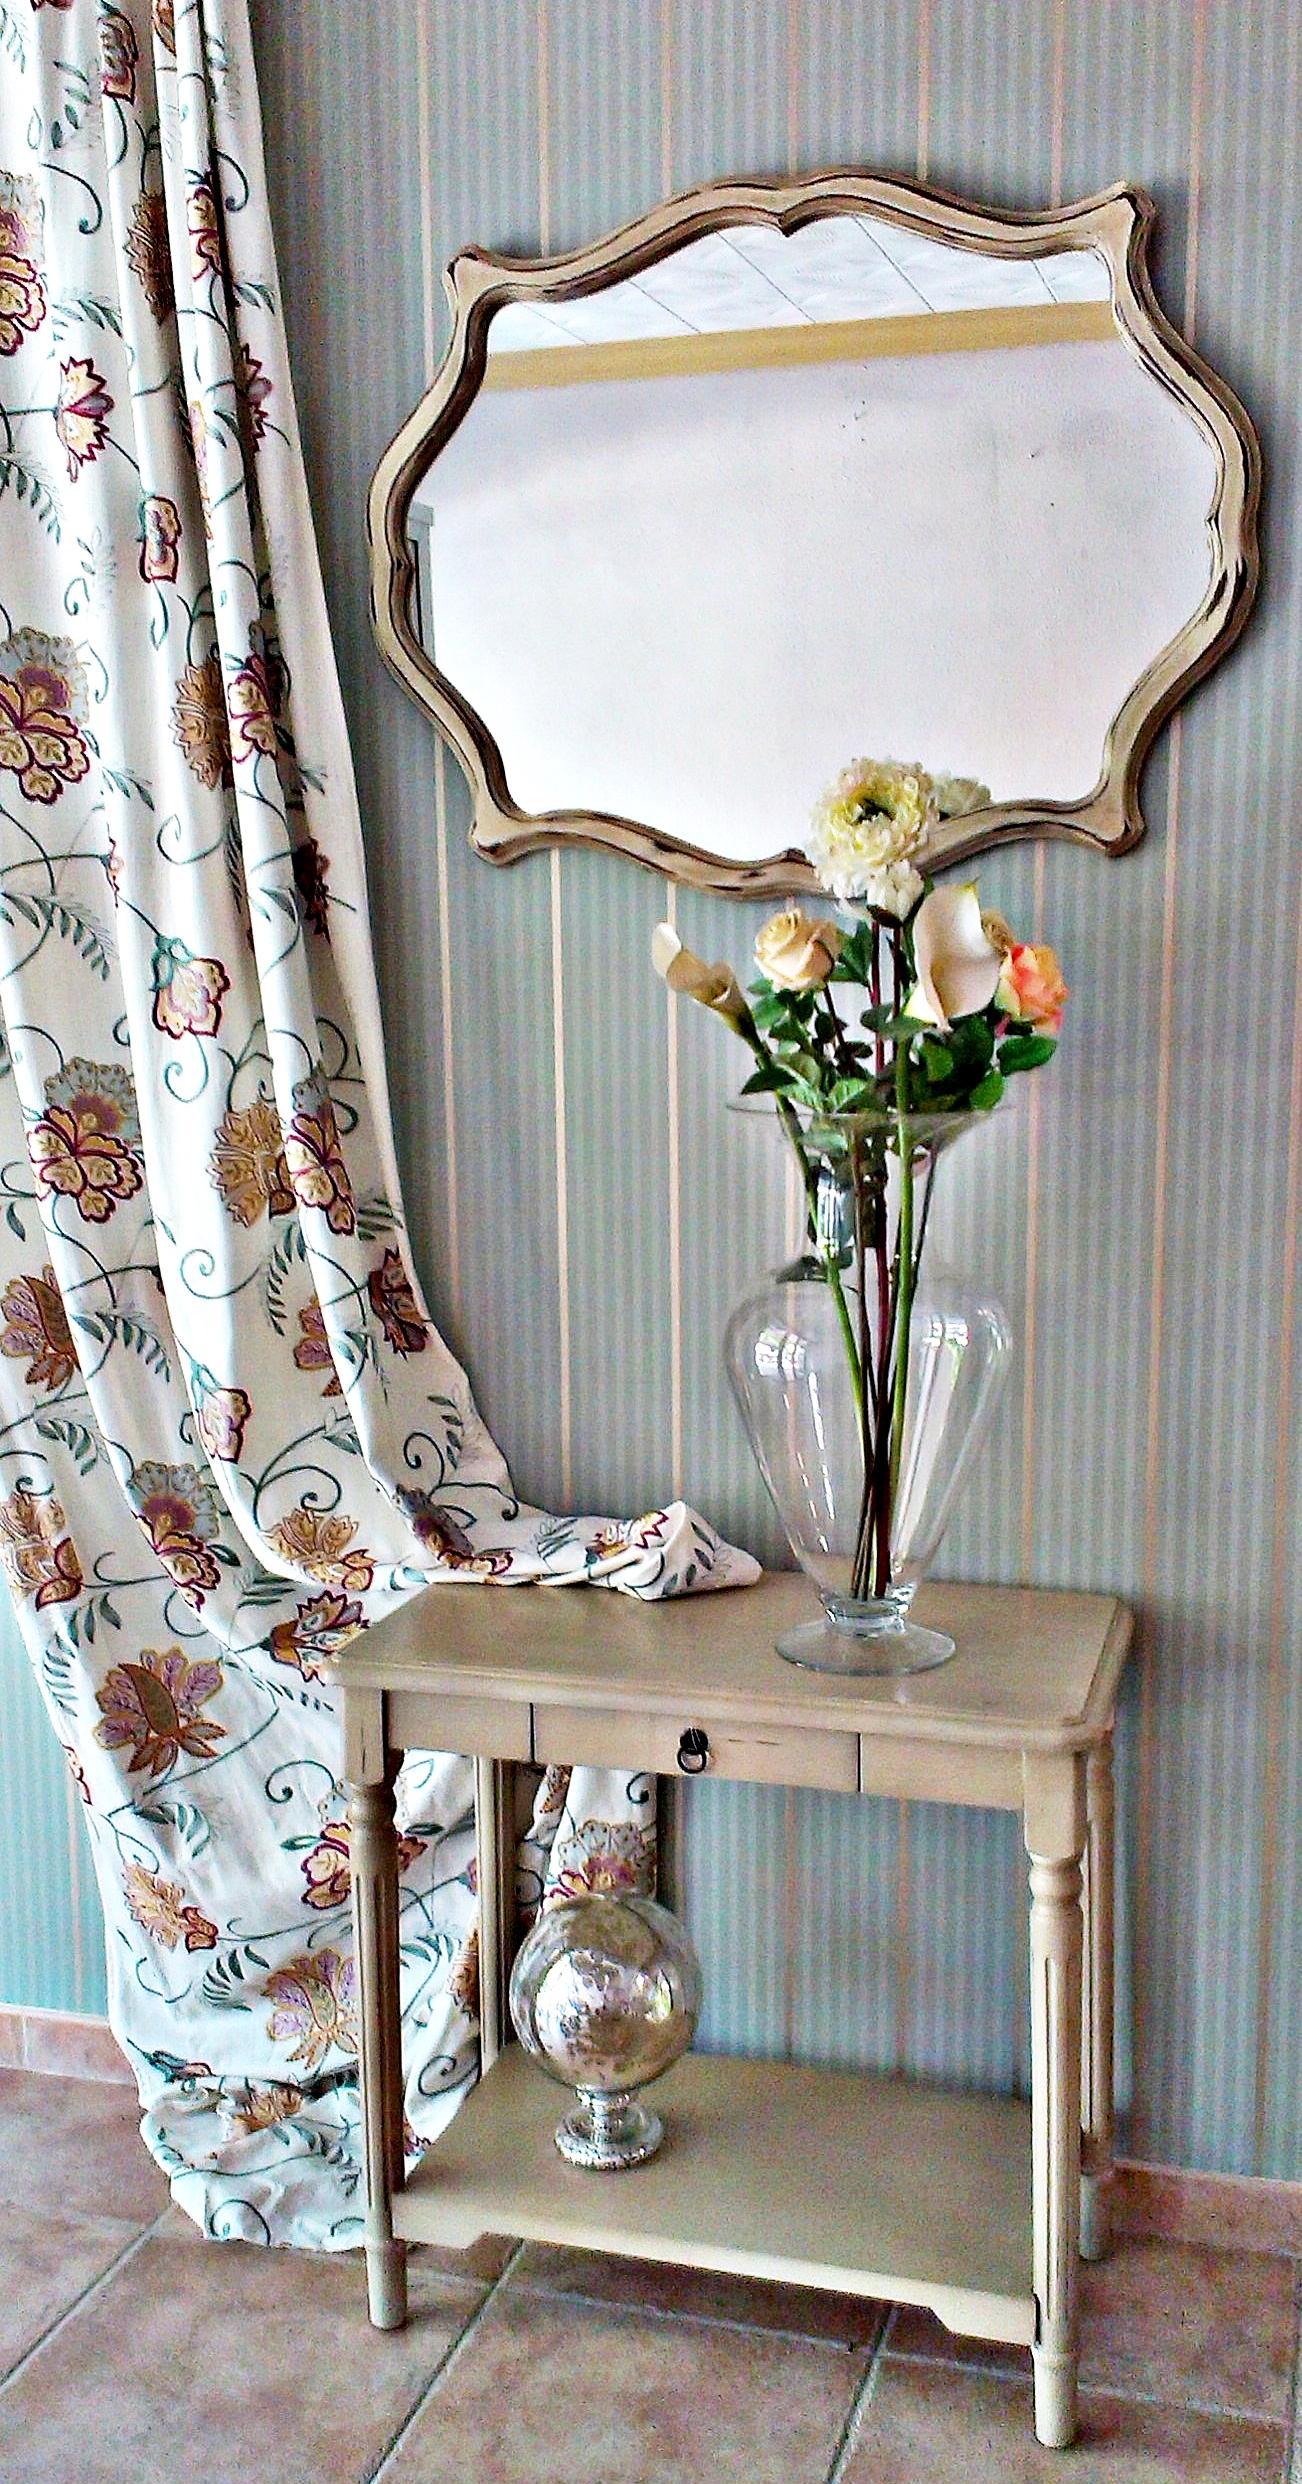 Espejo vintage old ocre tienda online de decoraci n y muebles personalizados - Espejos vintage ...